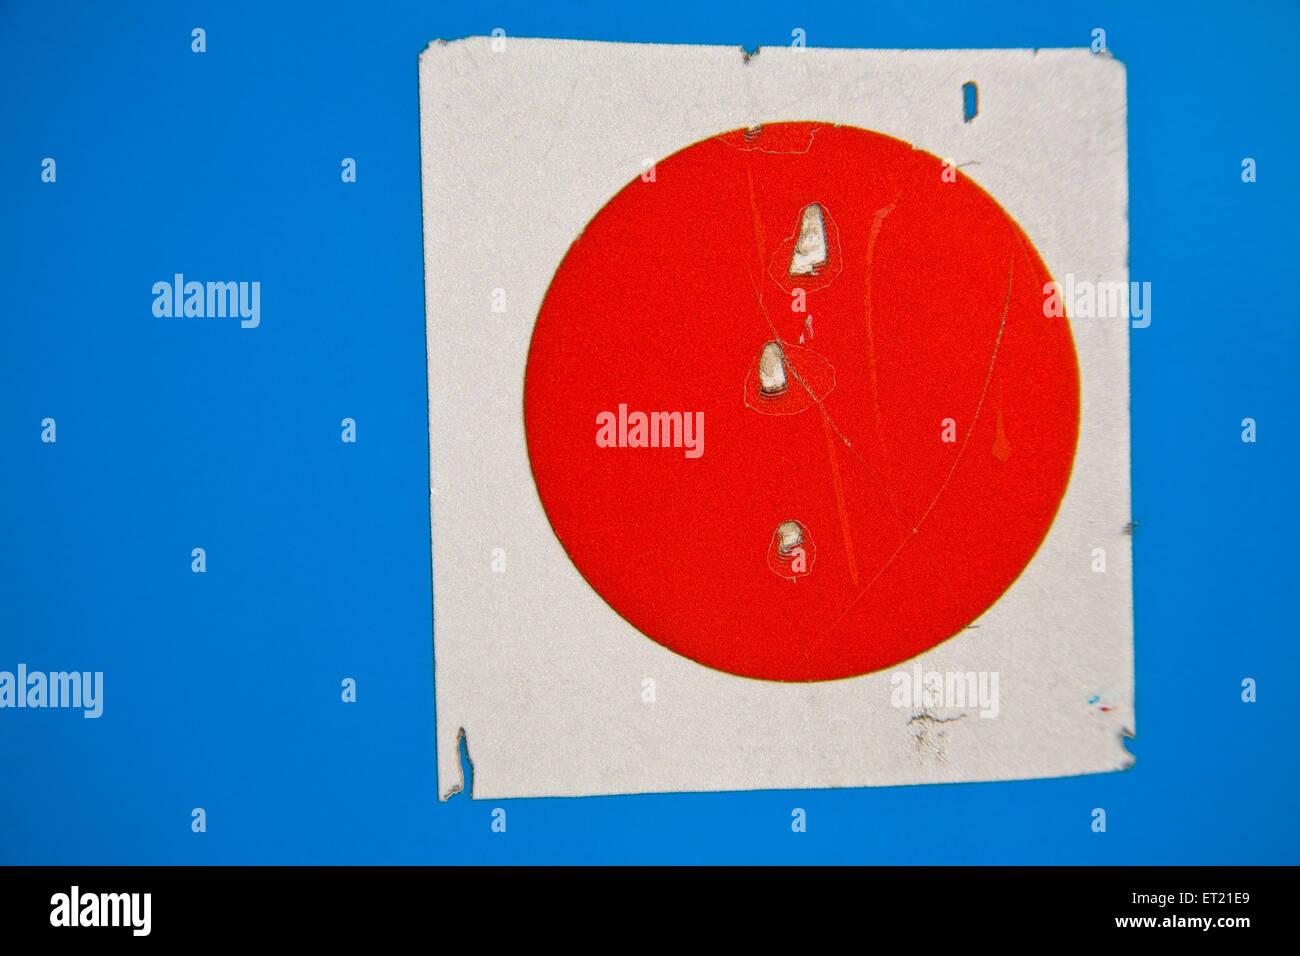 White square red round blue background ; Bombay Mumbai ; Maharashtra ; India 18 February 2010 - Stock Image